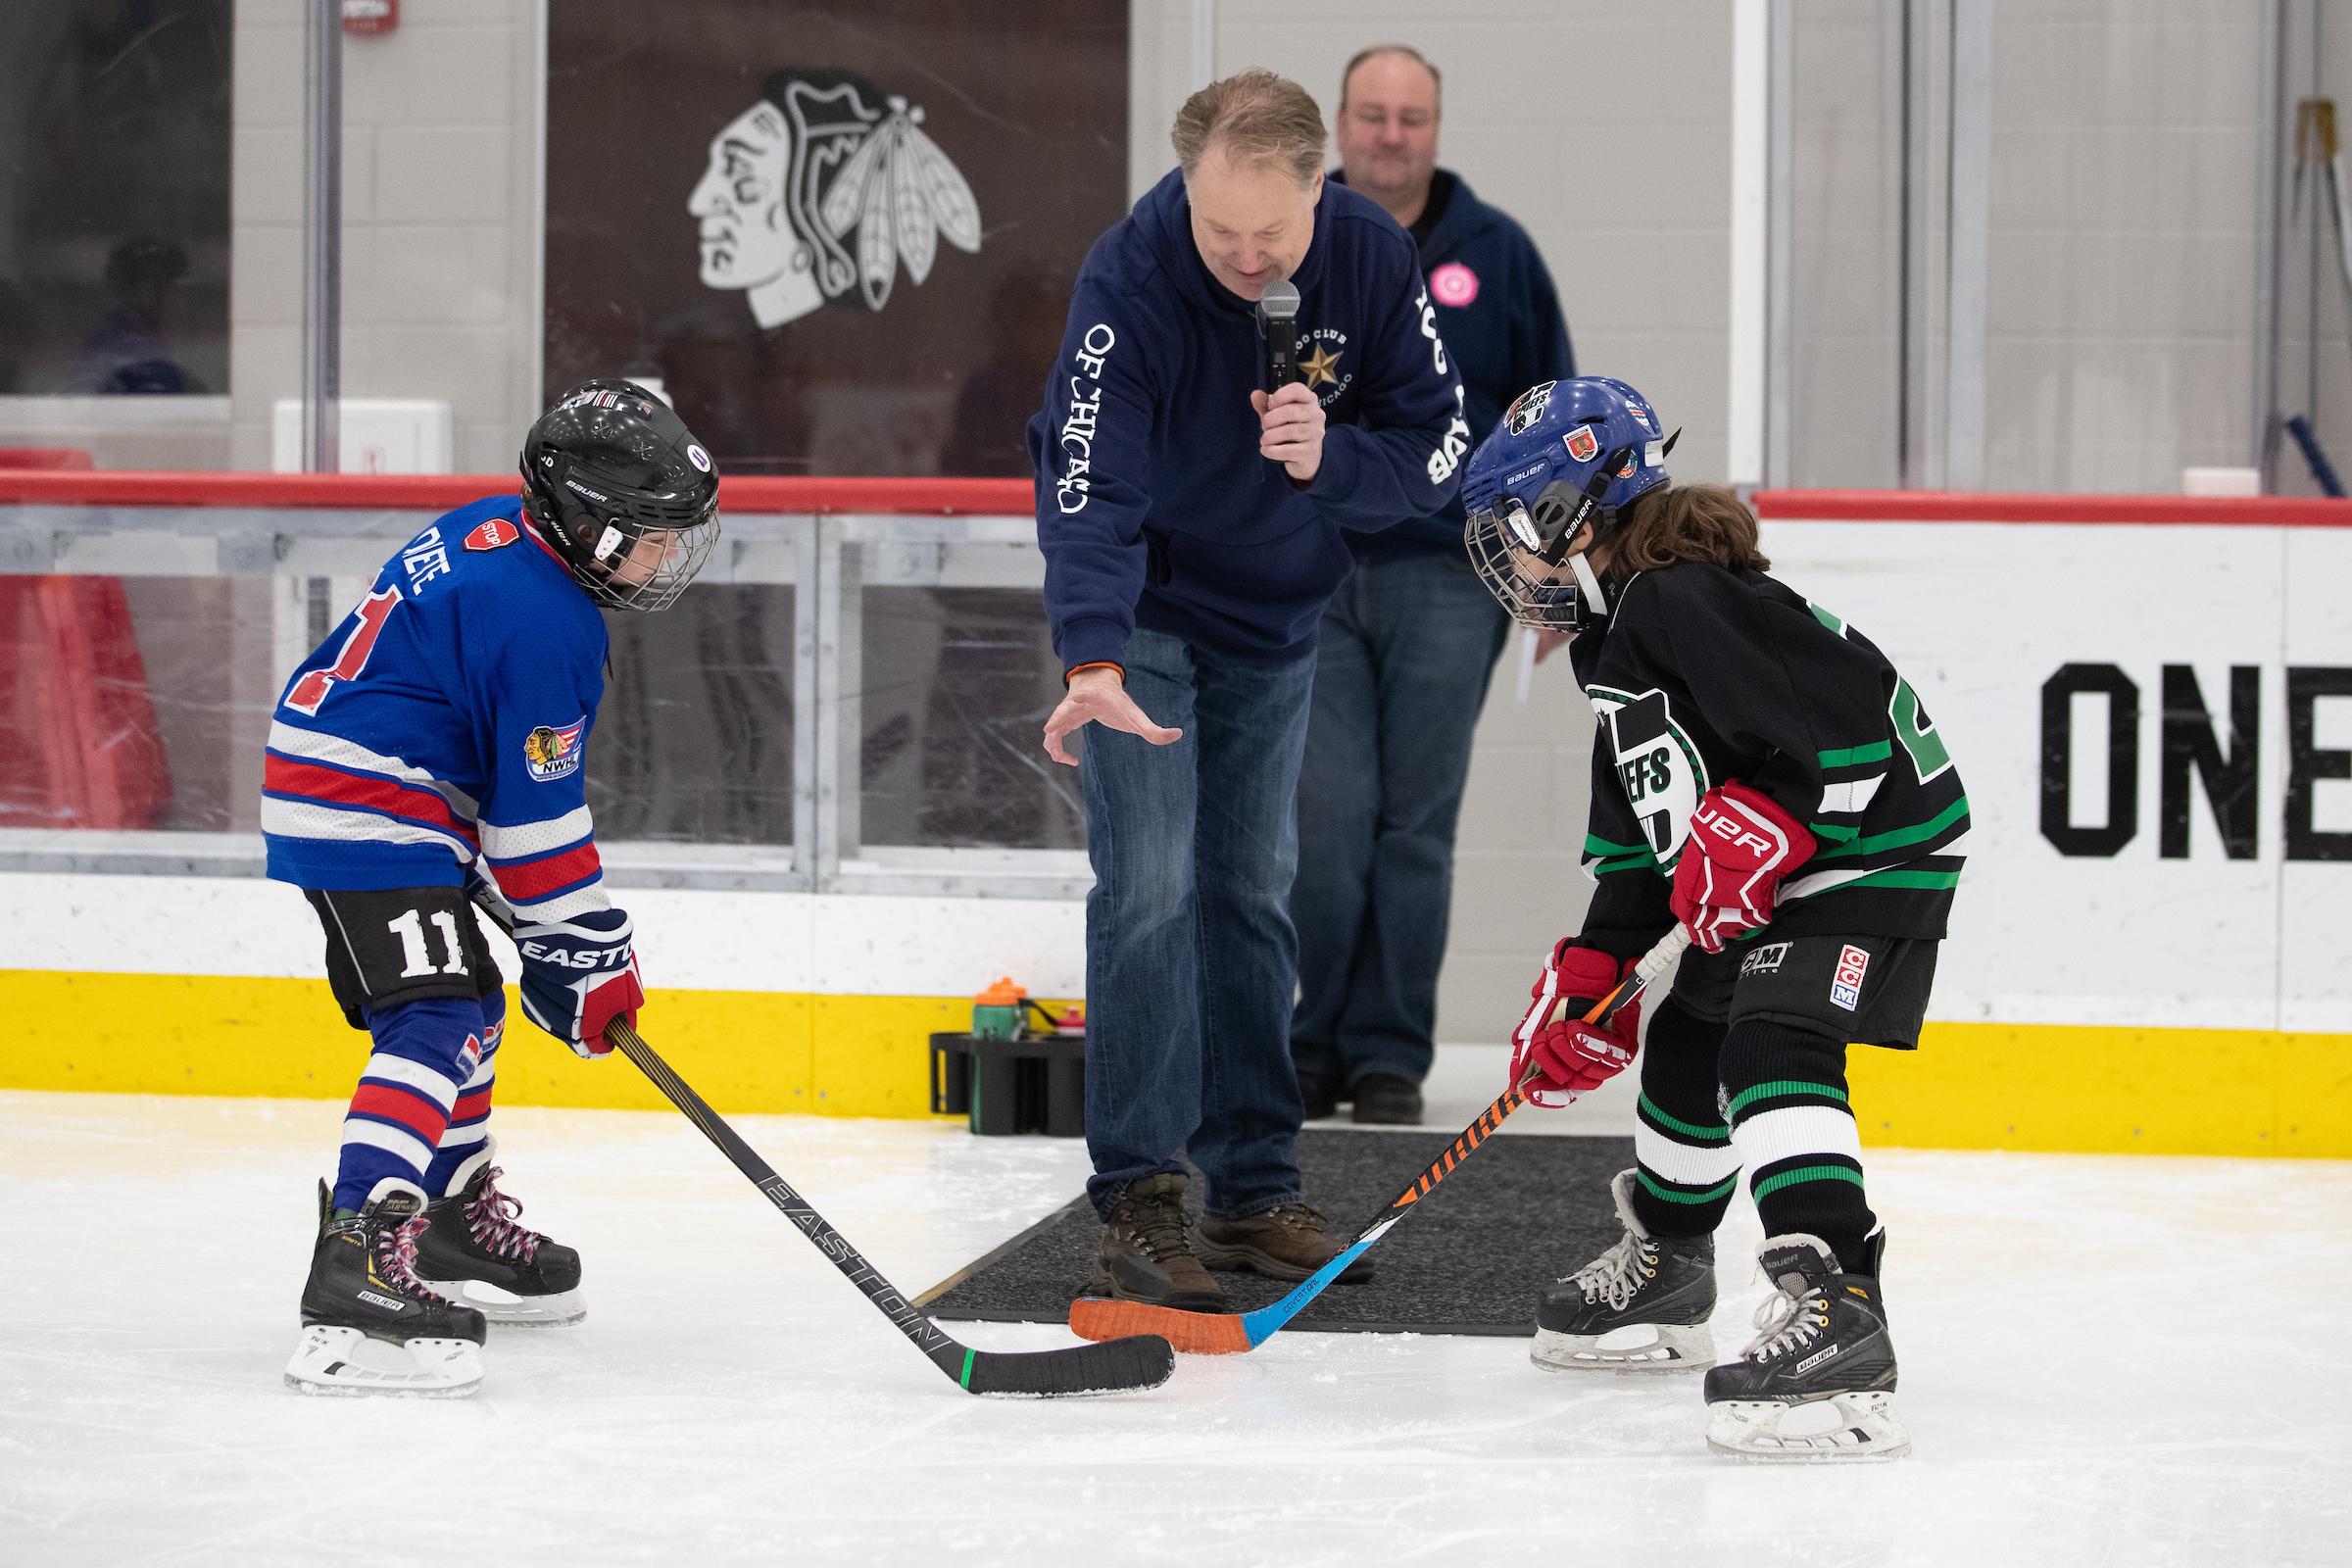 CharityHockey-MB20181104-15